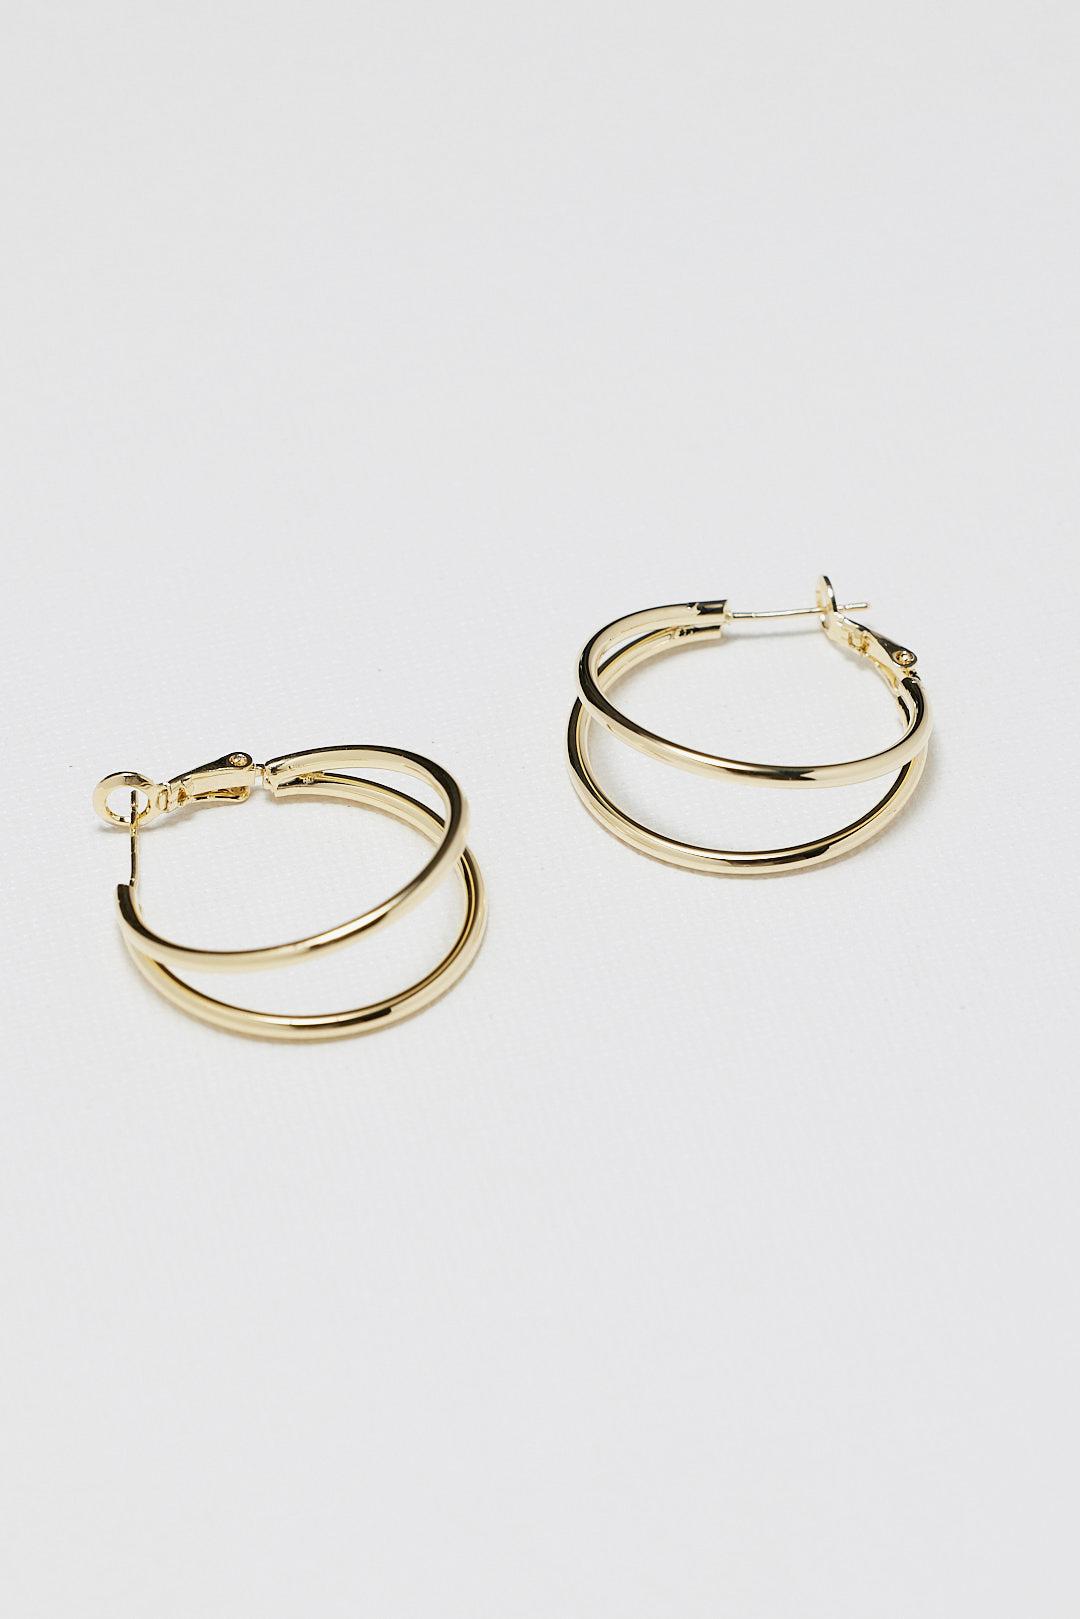 Maegen Earrings